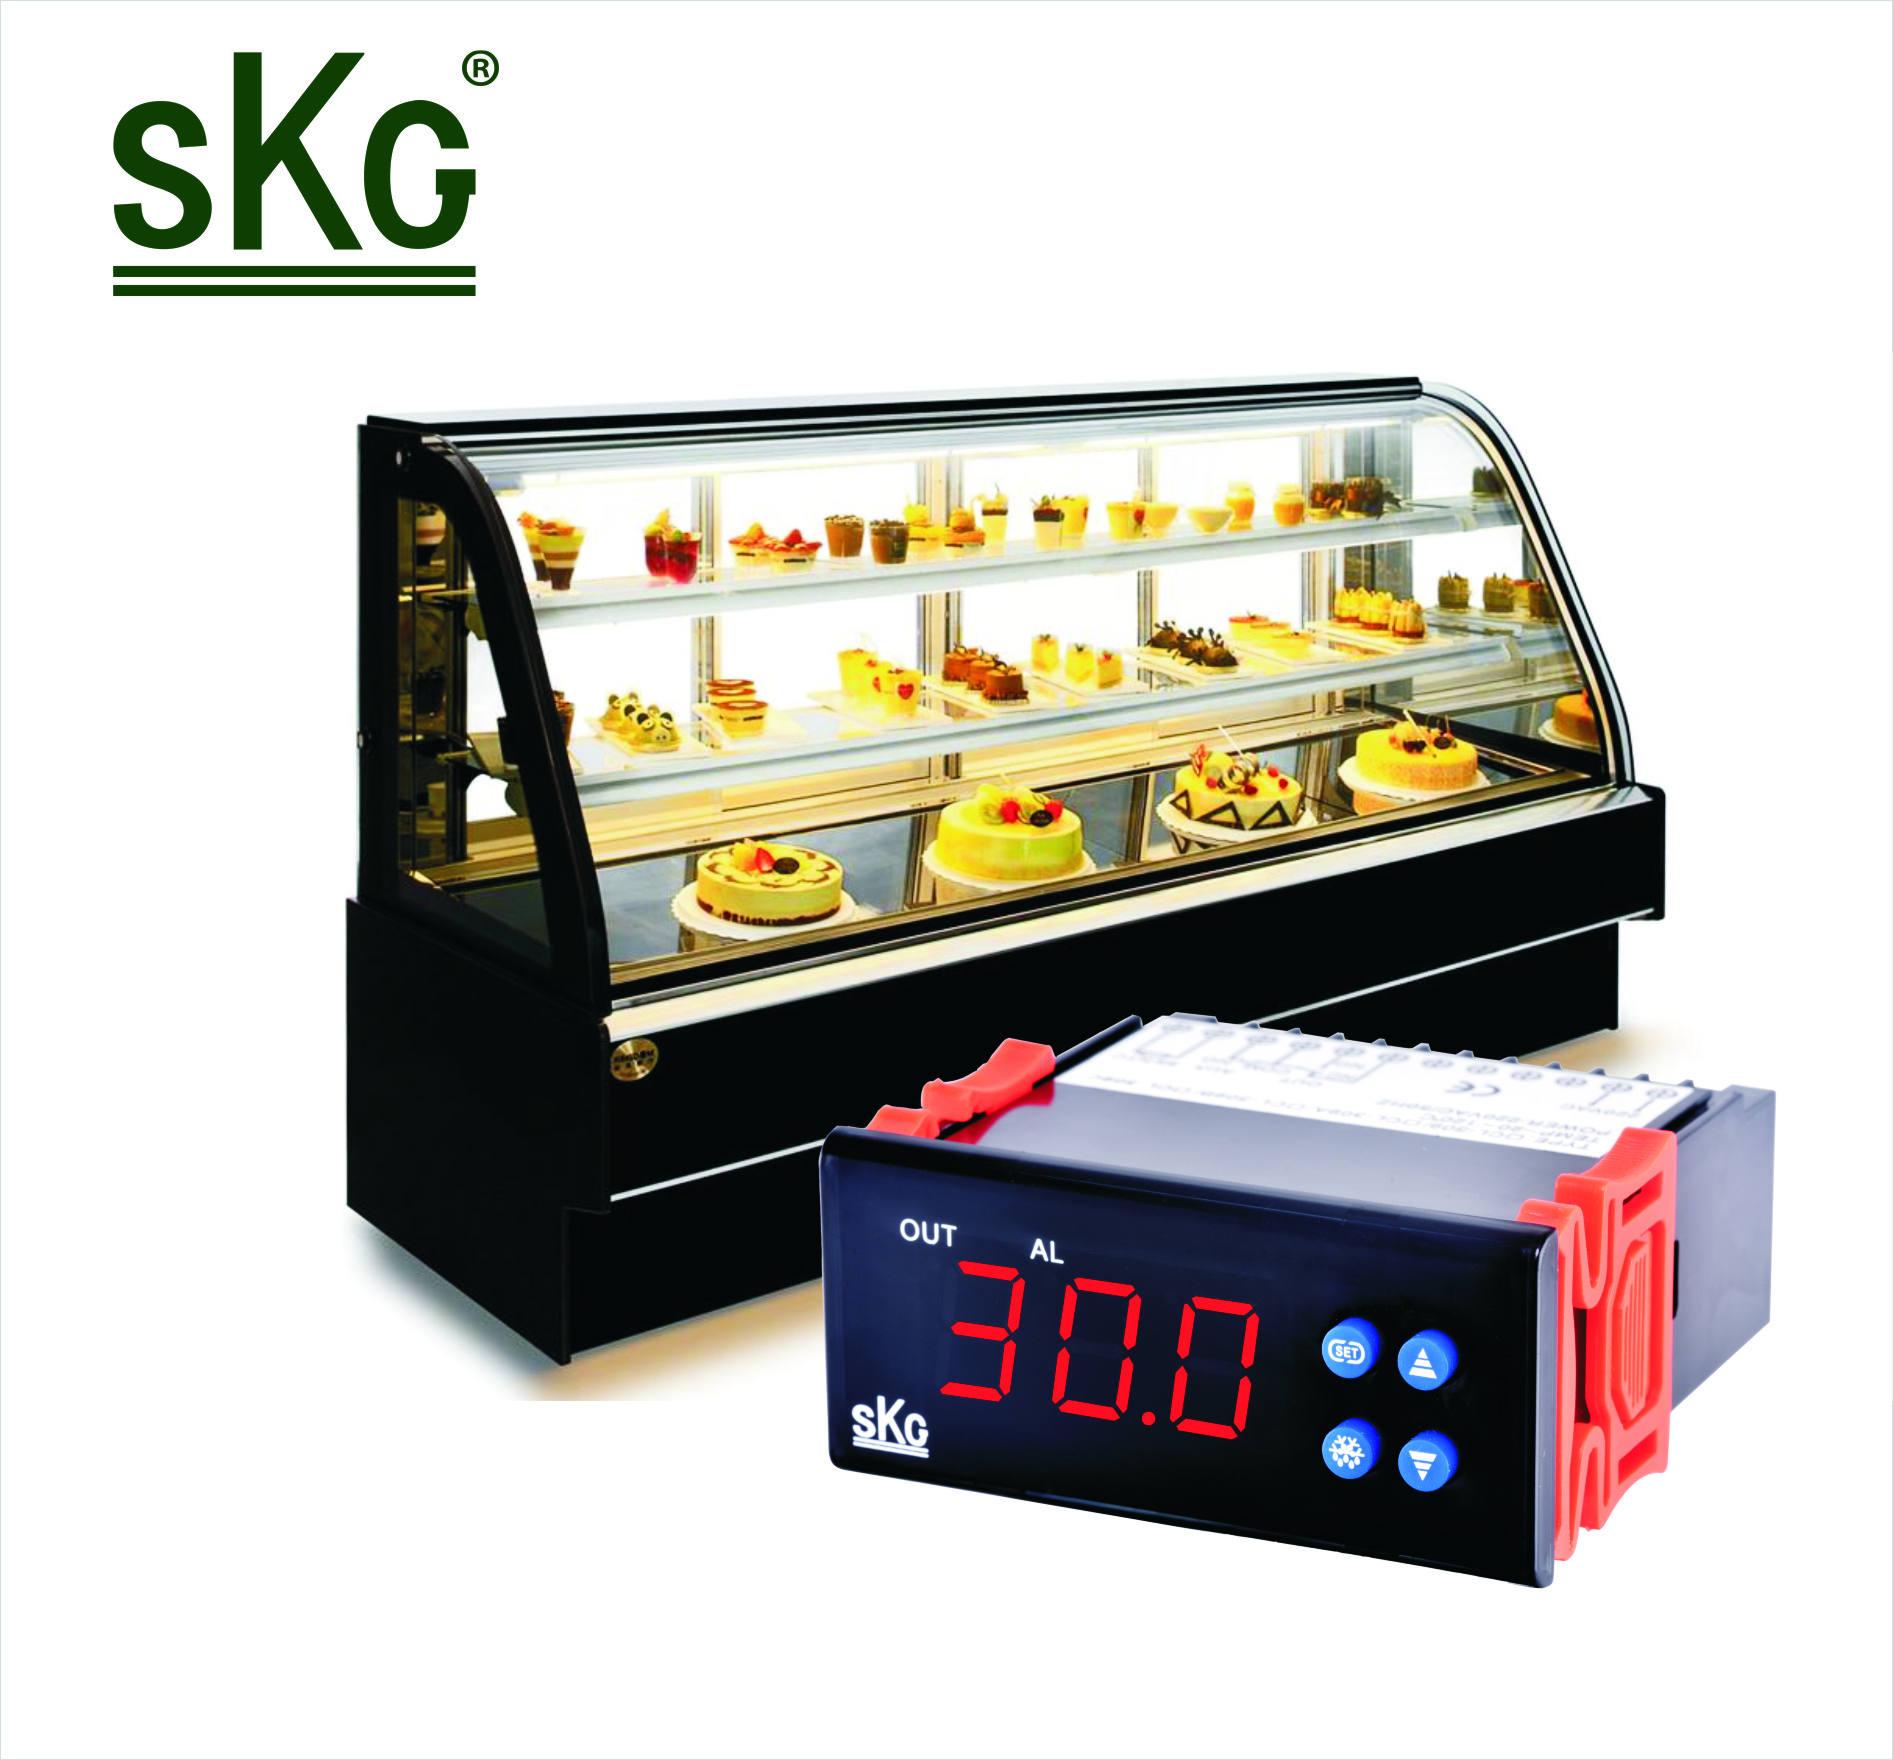 Termostato con sonda de acero inoxidable SKG CL309 + termostato para habitación genial